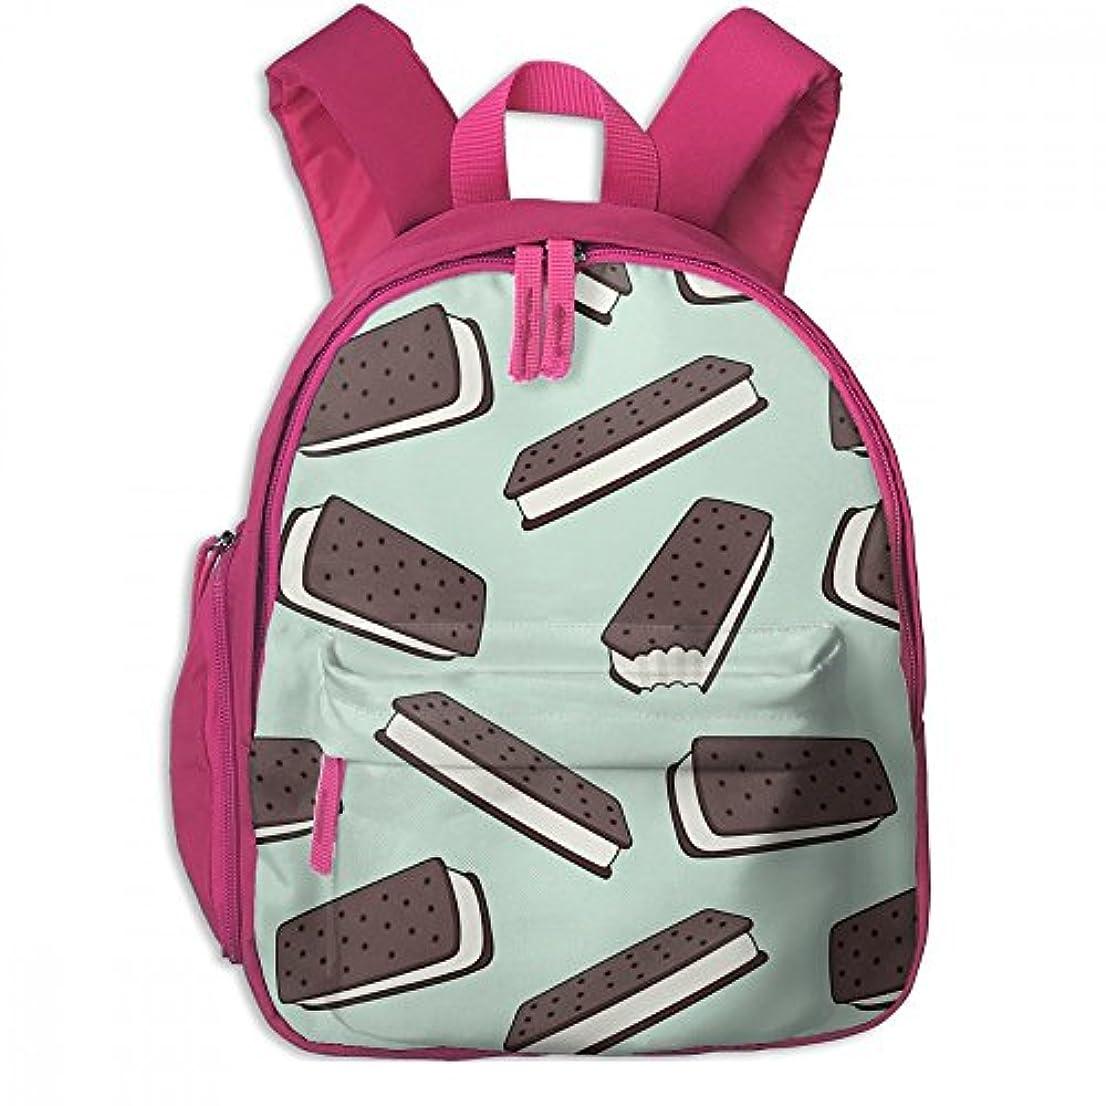 スツール二次ジャベスウィルソンマカロン かわいい 子供用バックパック 綺麗 キッズ リュック 実用性 通学 パック ポケット付き